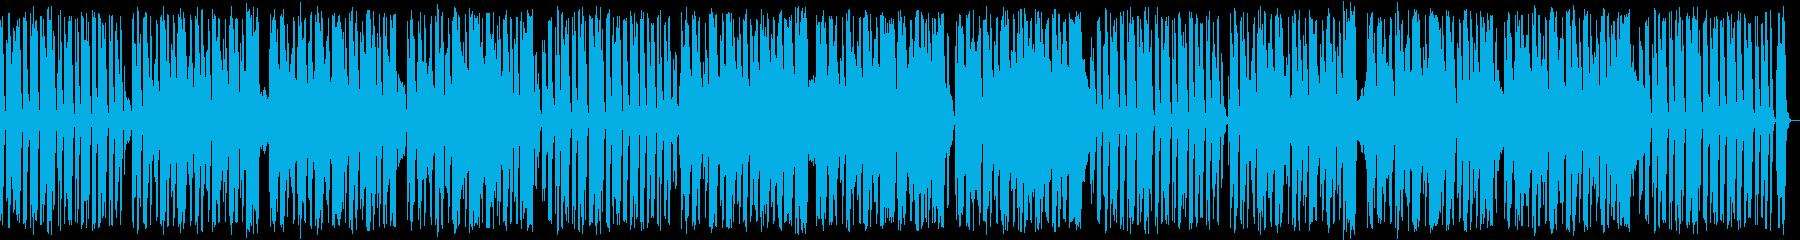 シンプルなタンゴの再生済みの波形